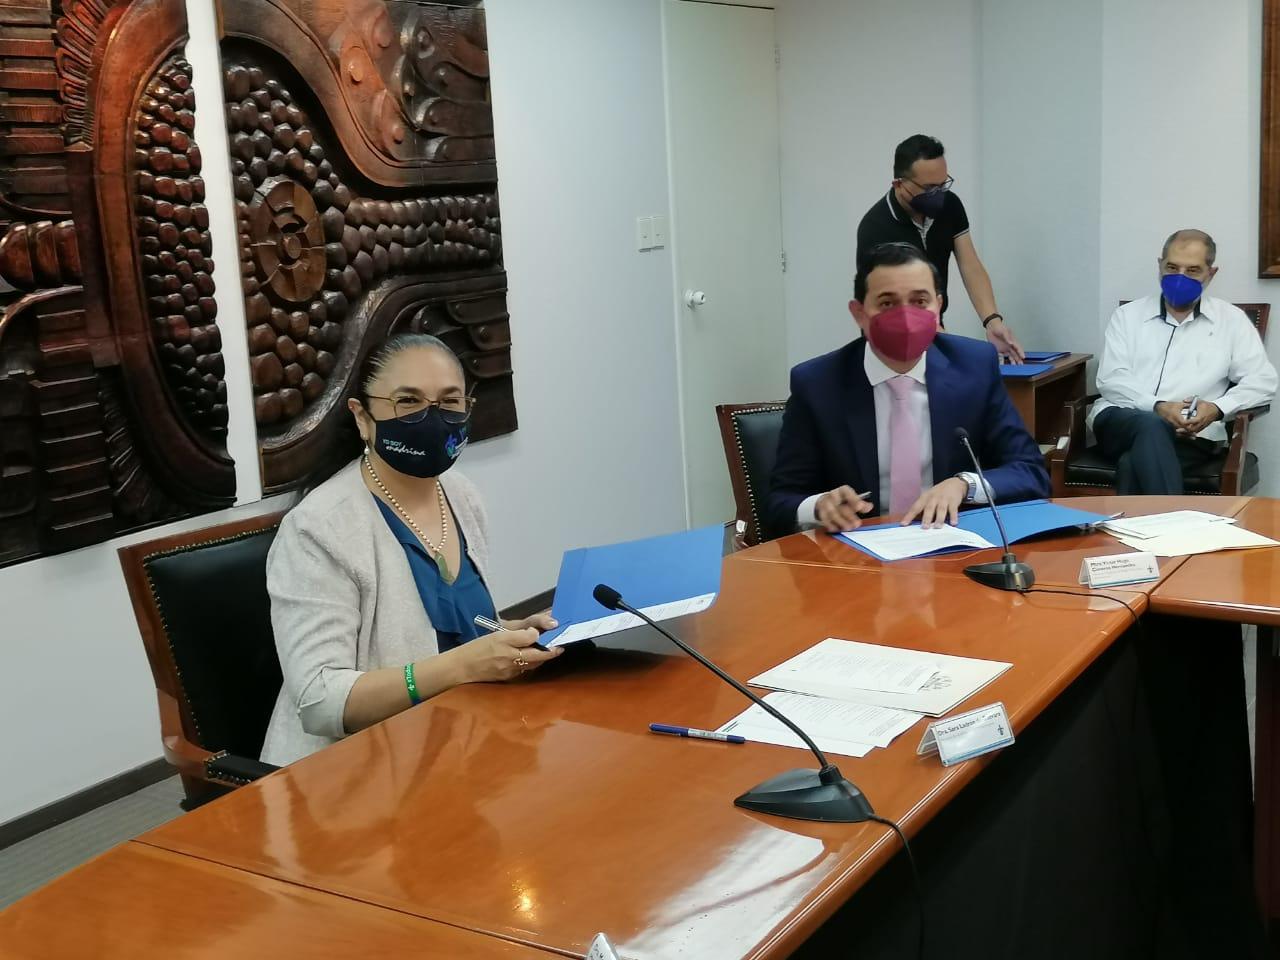 RTV y la UV firmaron convenio de colaboración para producir dos series televisivas